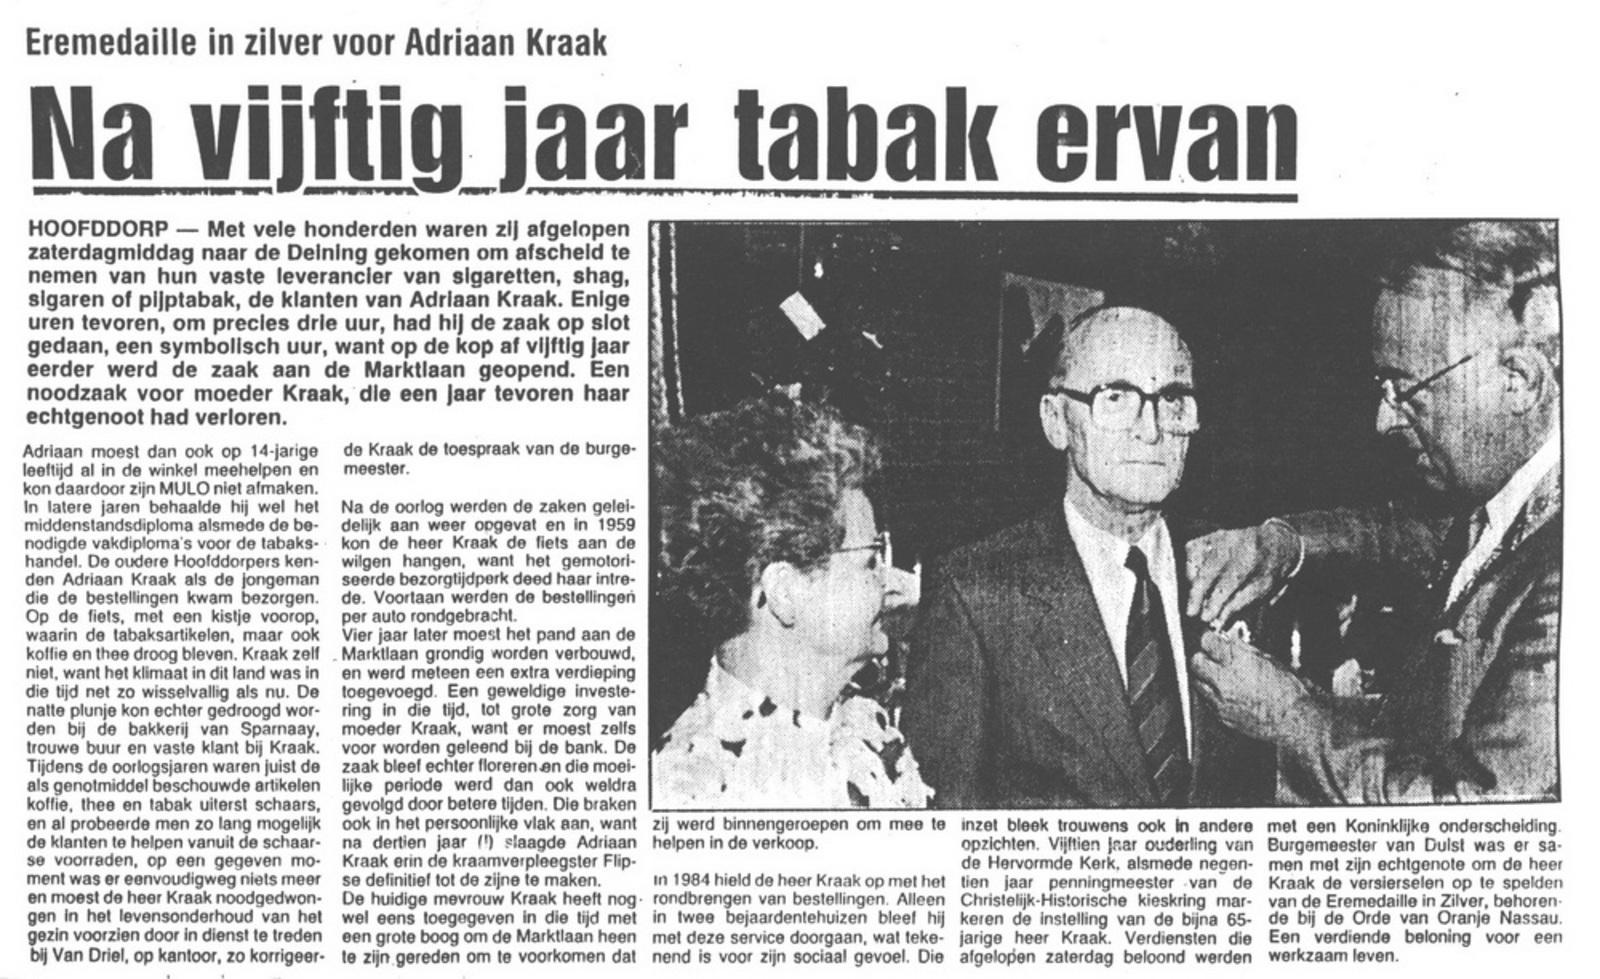 Marktlaan O 0022 1988 Sigarenboer Kraak 50jr Jub en Sluiting 02